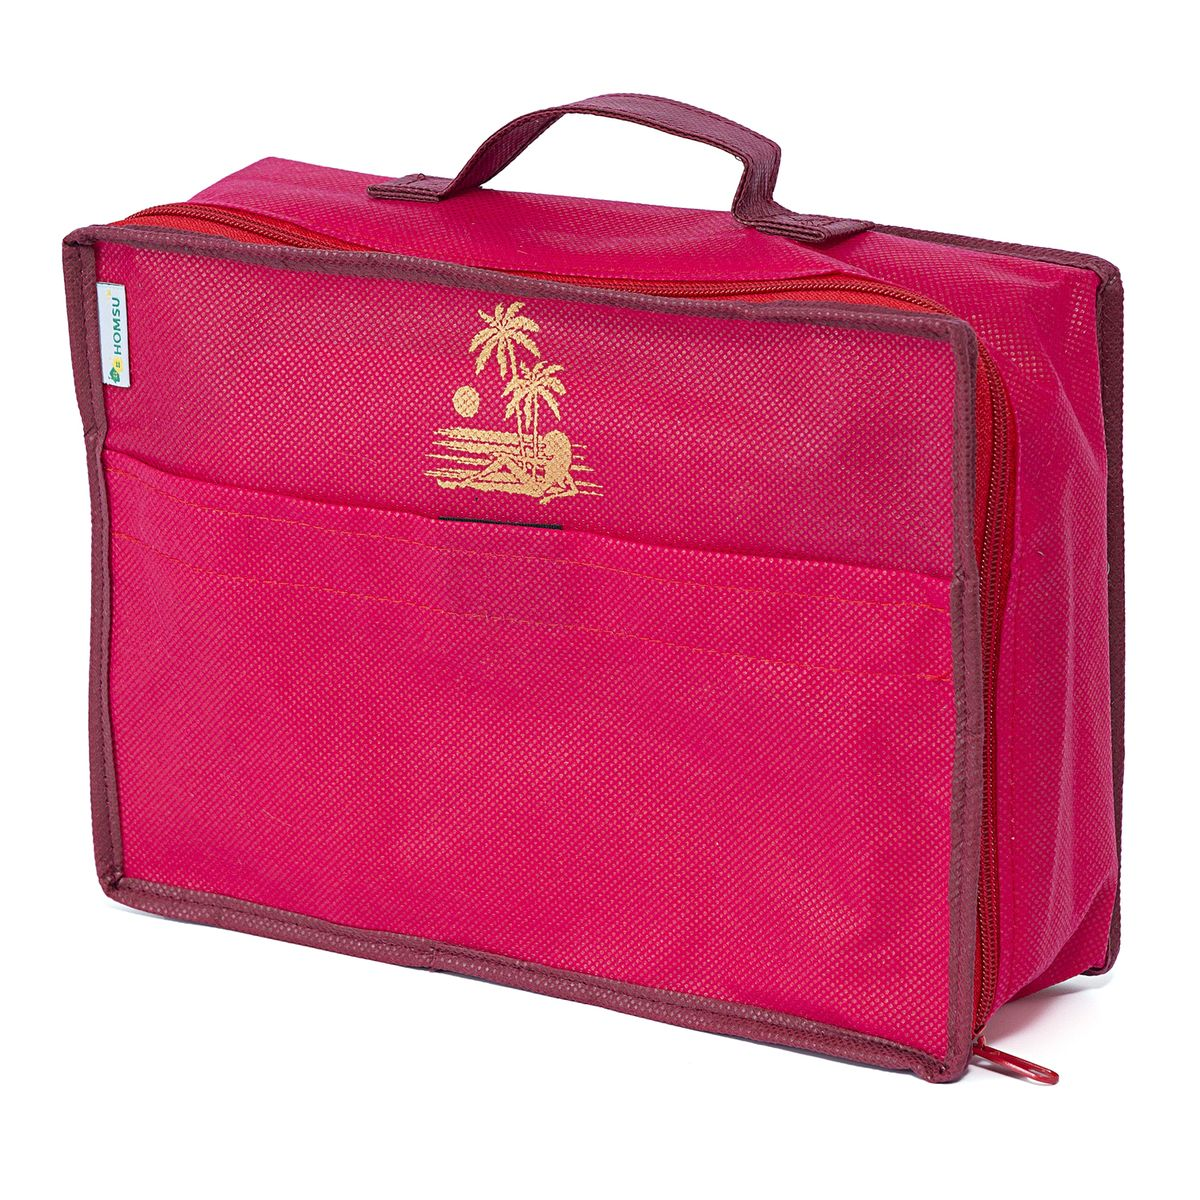 Сумка для багажа Homsu Lady in Red, 28 х 20 х 9 смHOM-658Сумка для багажа Homsu Lady in Red выполнена из спанбонда и картона. Вместе с оригинальным современным дизайном такая сумка для багажа принесёт также очень существенную практическую пользу в любом путешествии. Благодаря ей вы сможете распределить все вещи, которые возьмёте с собой, таким образом, что всегда будете иметь быстрый доступ к ним, и при этом надёжно защитить от пыли, грязи, влажности или механических повреждений.